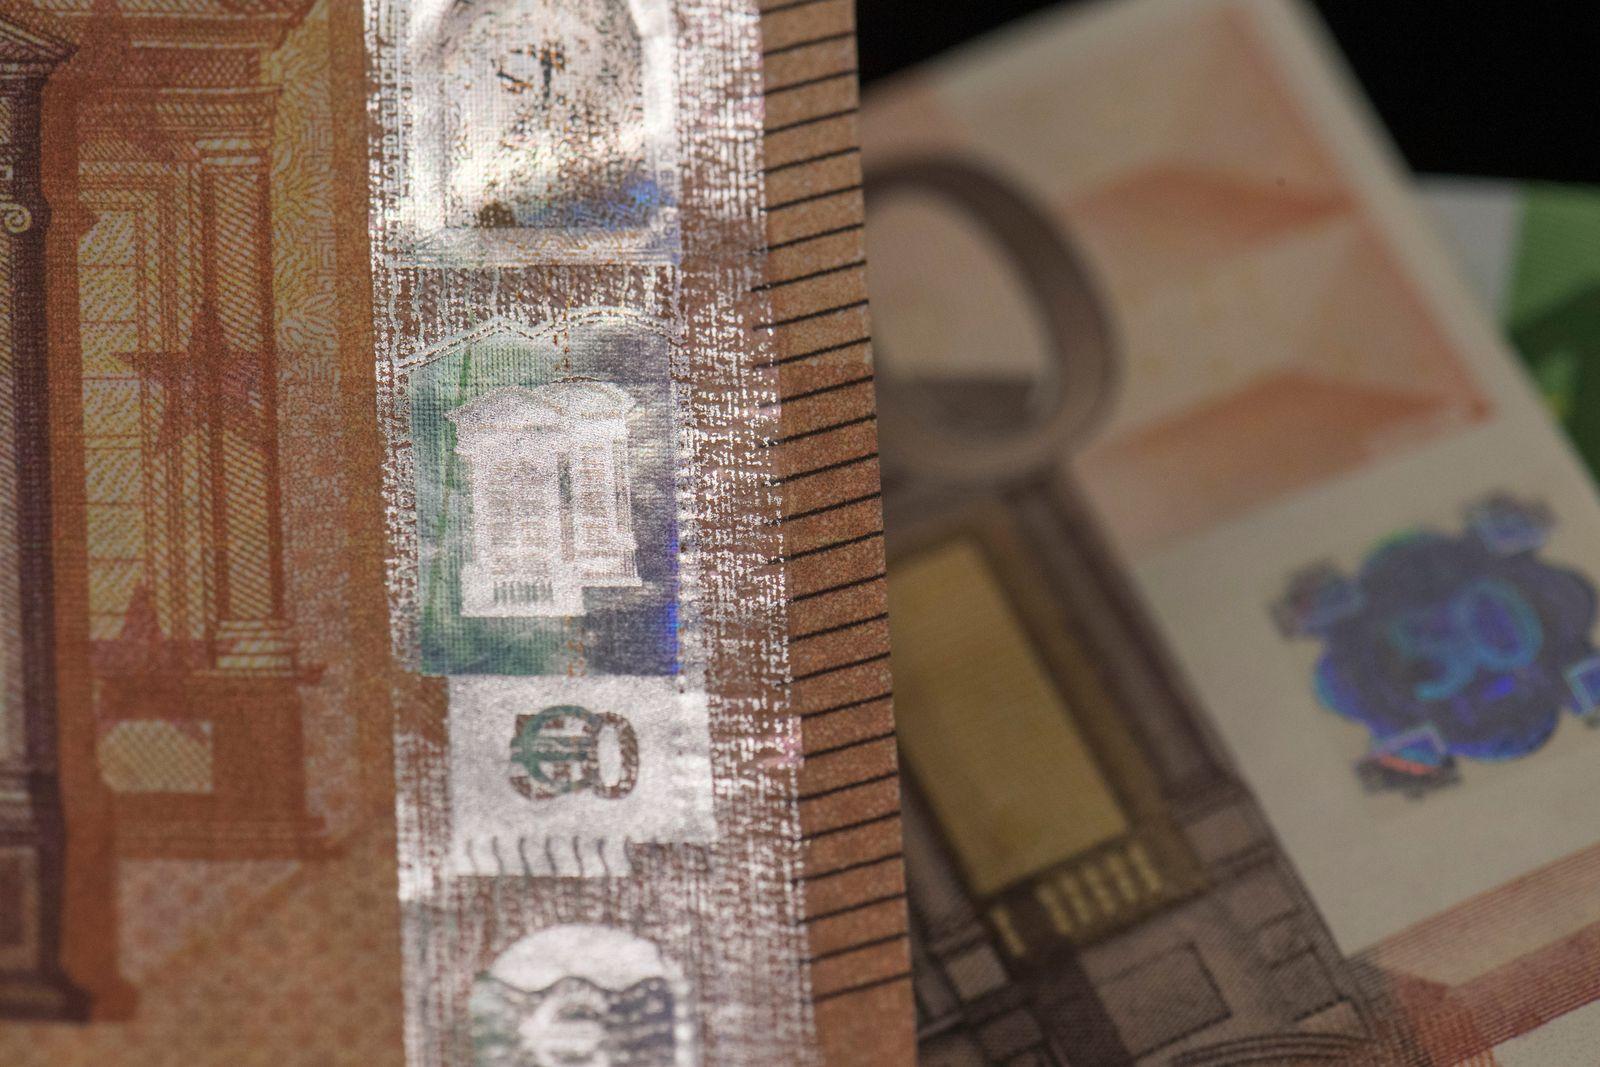 Falschgeld/ 50 Euro/ Schein